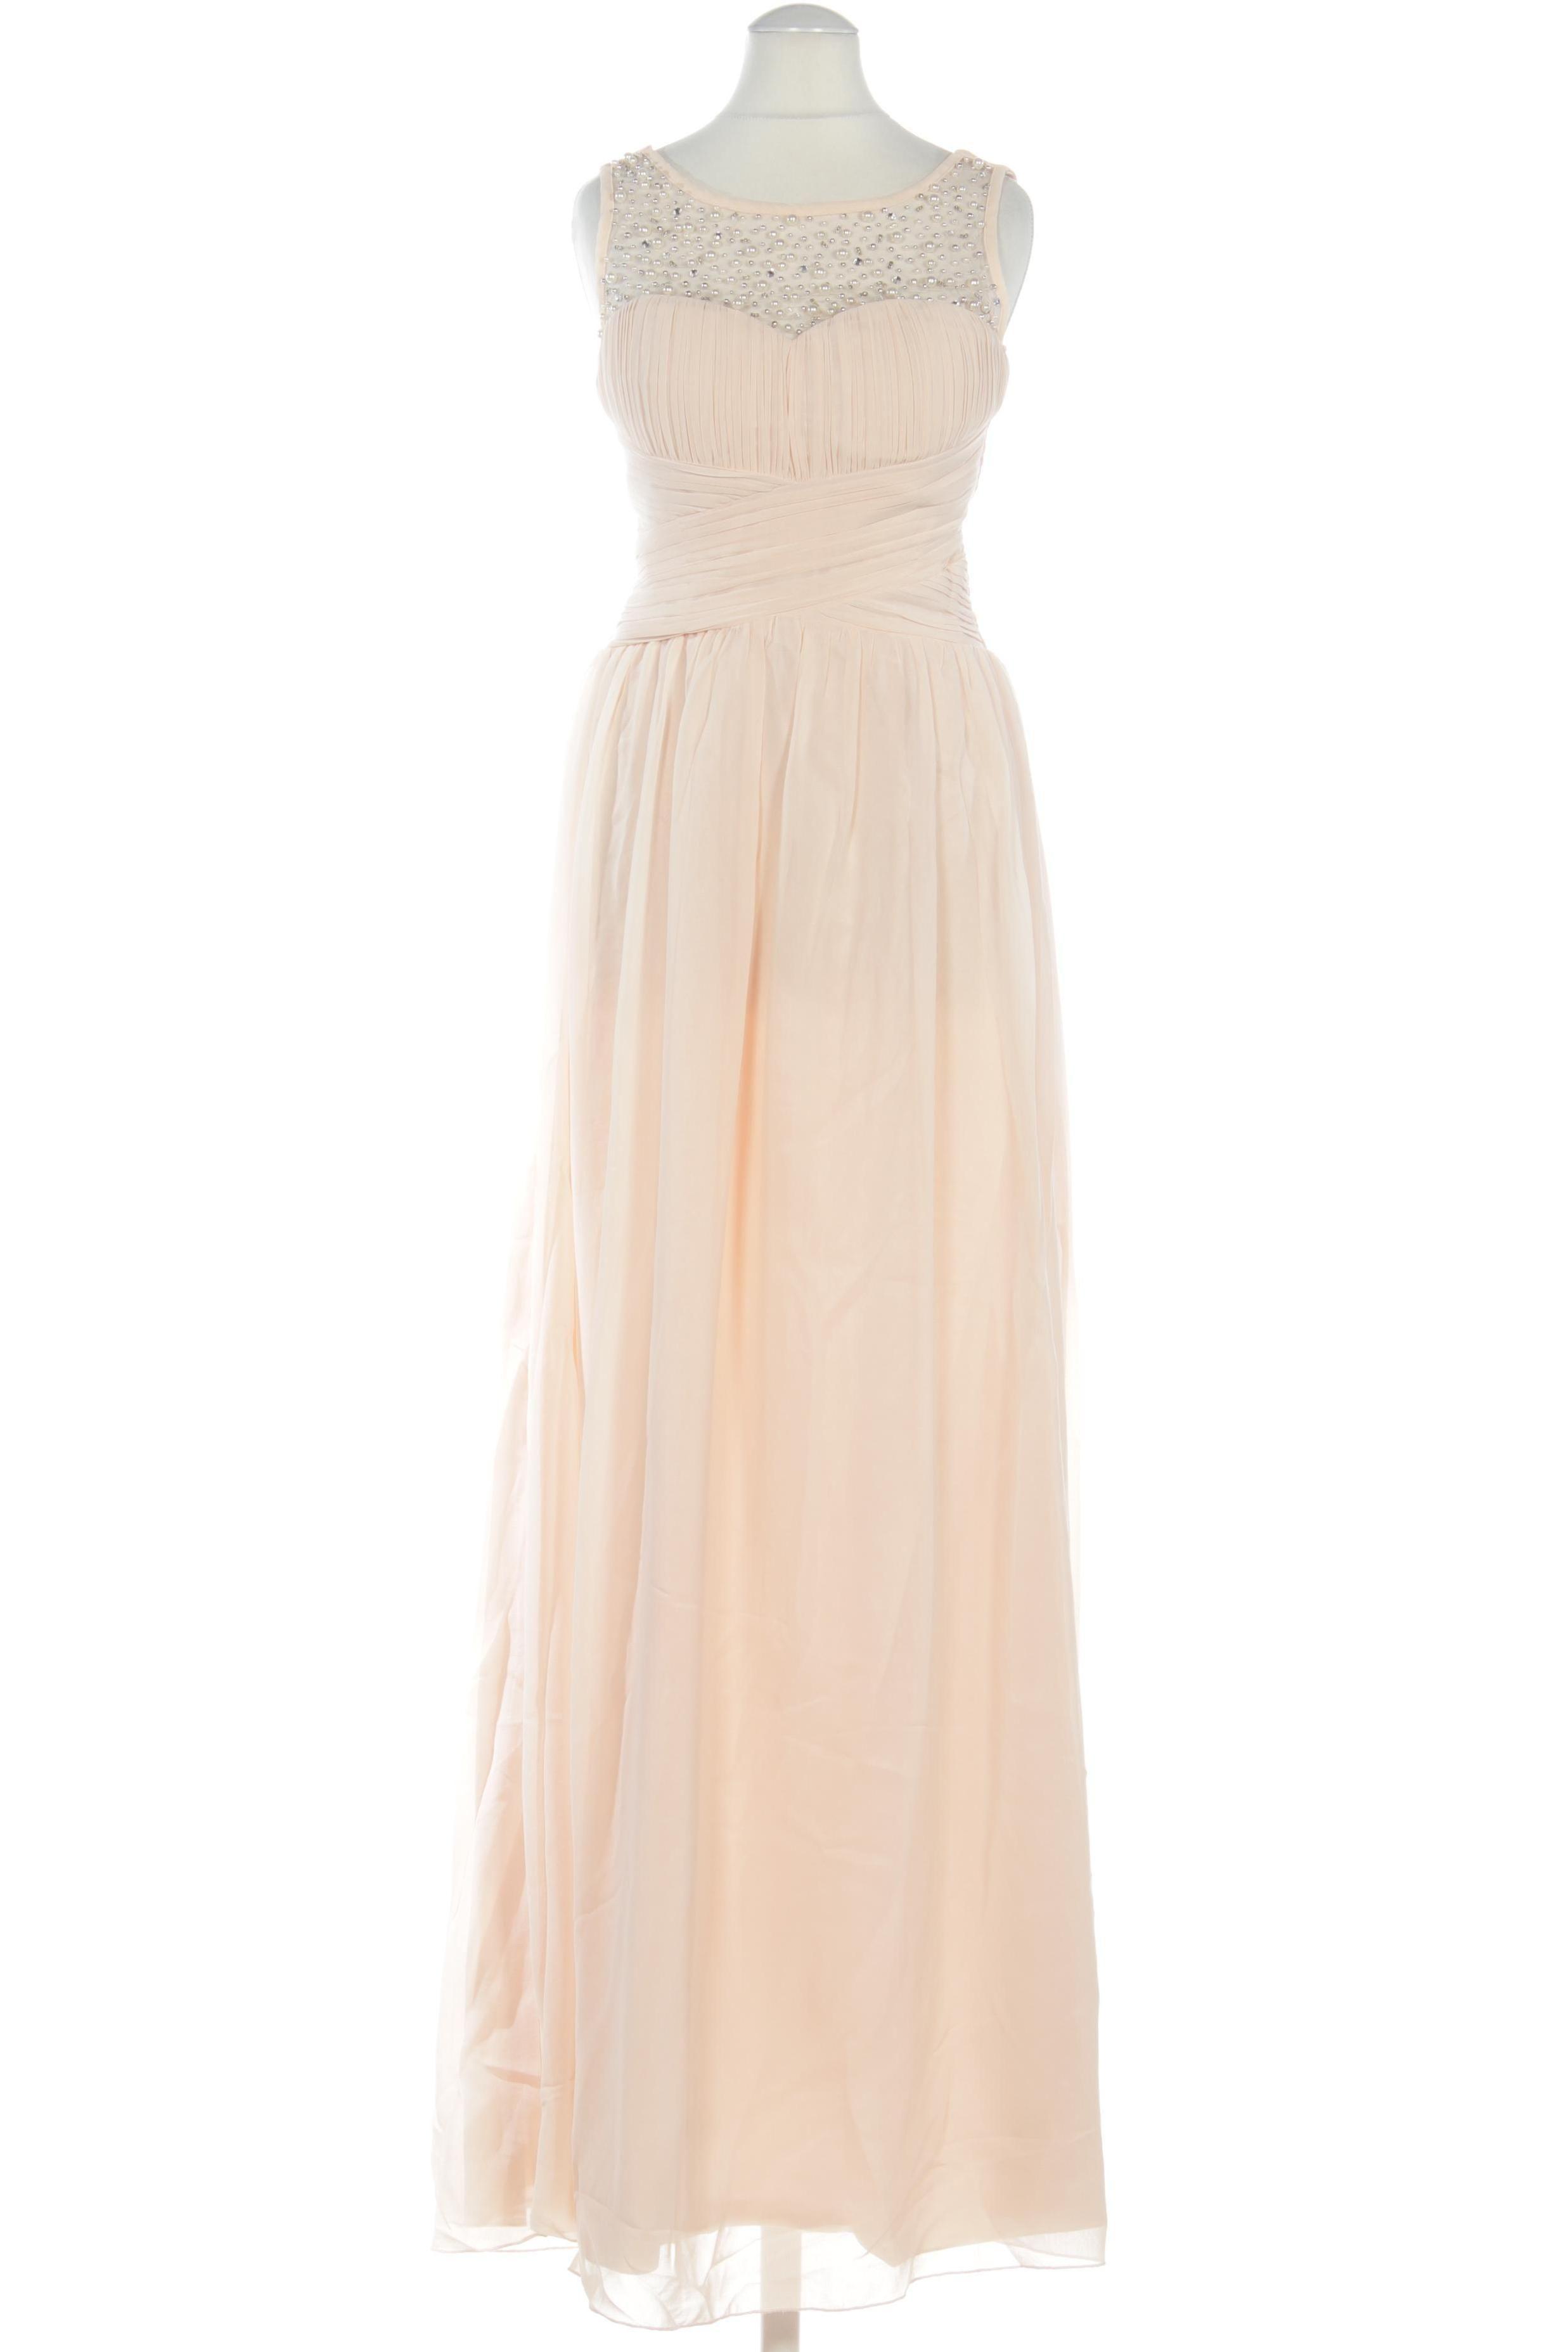 Dieses rosa Abendkleid mit Strass ist der Stoff, aus dem